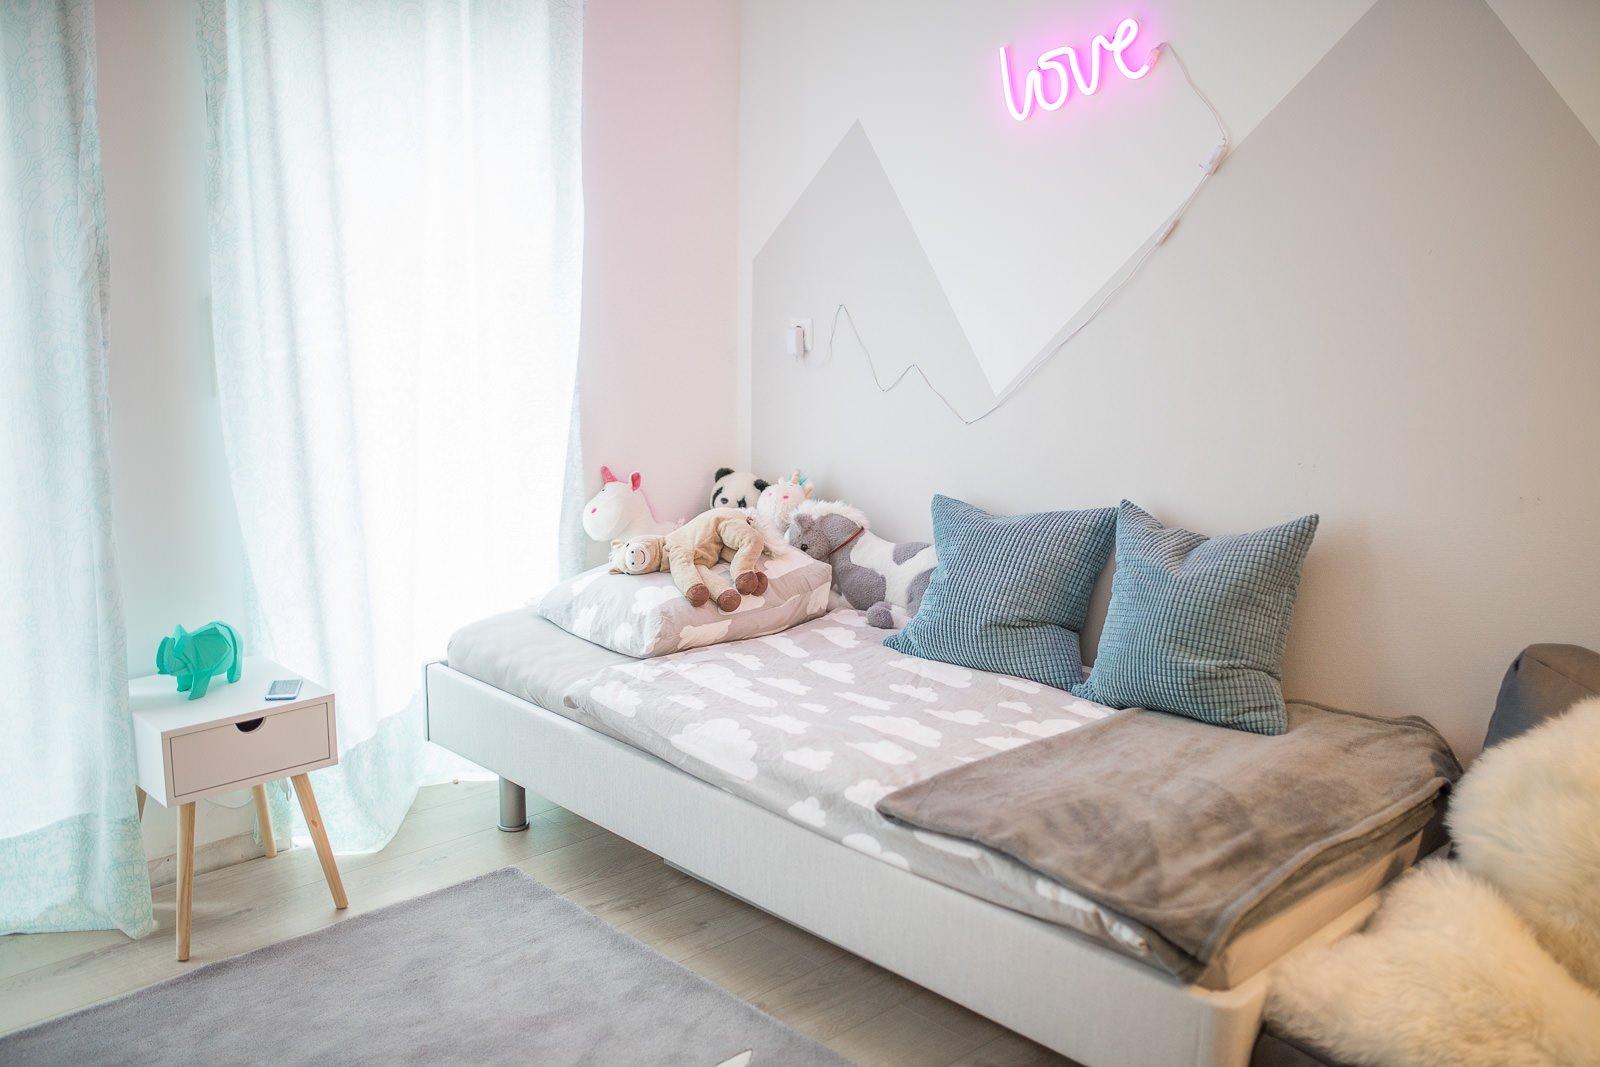 Bett im Kinderzimmer